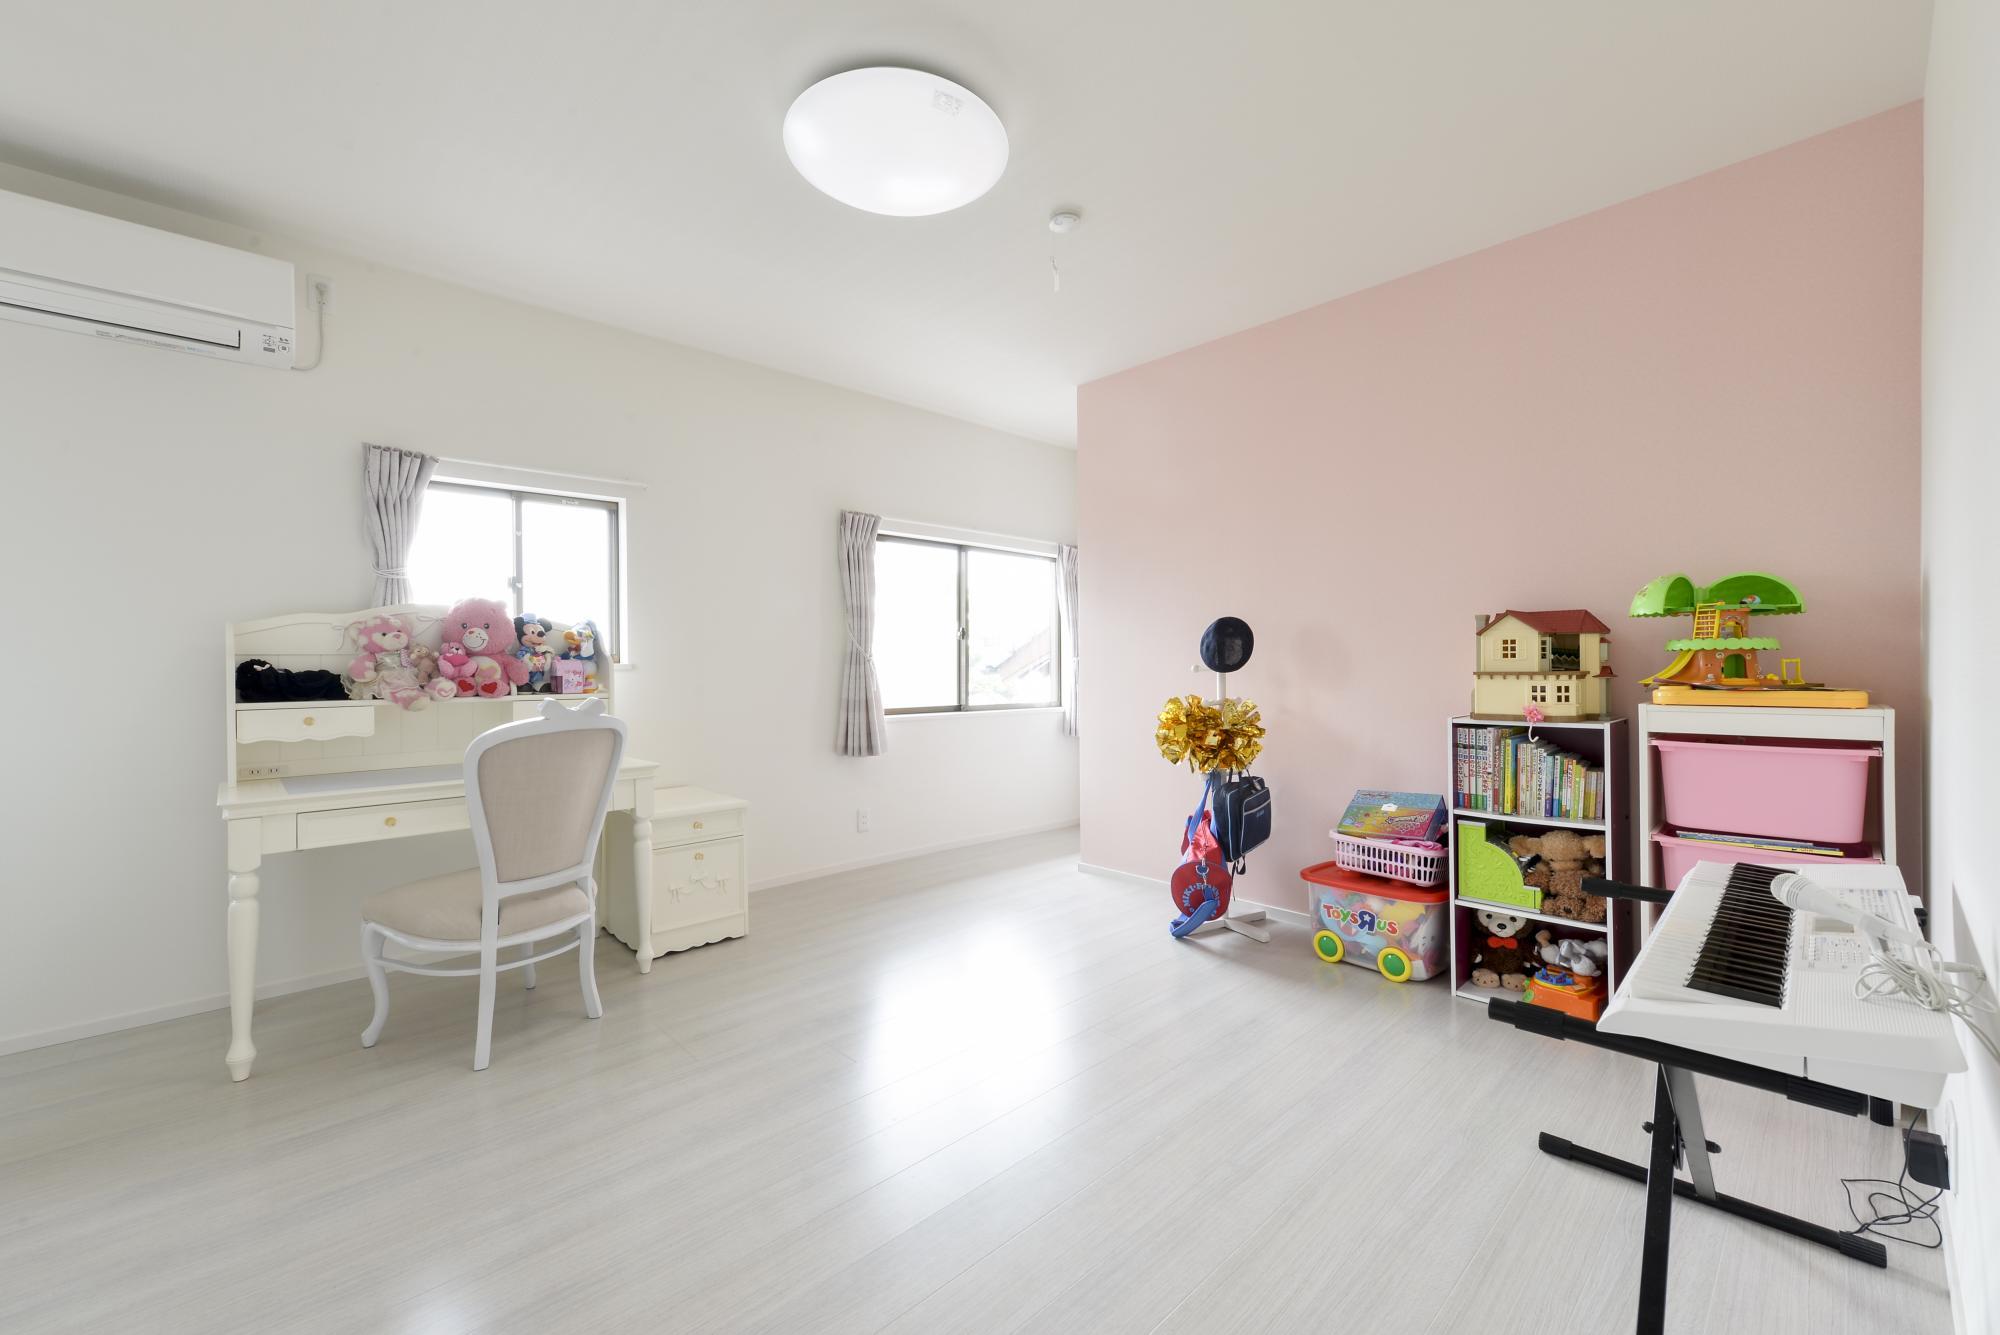 2階子供部屋は淡いピンクのクロスをアクセントにして優しい印象に。壁の向こう側には3.3帖の大型のウォークインクロゼットが。